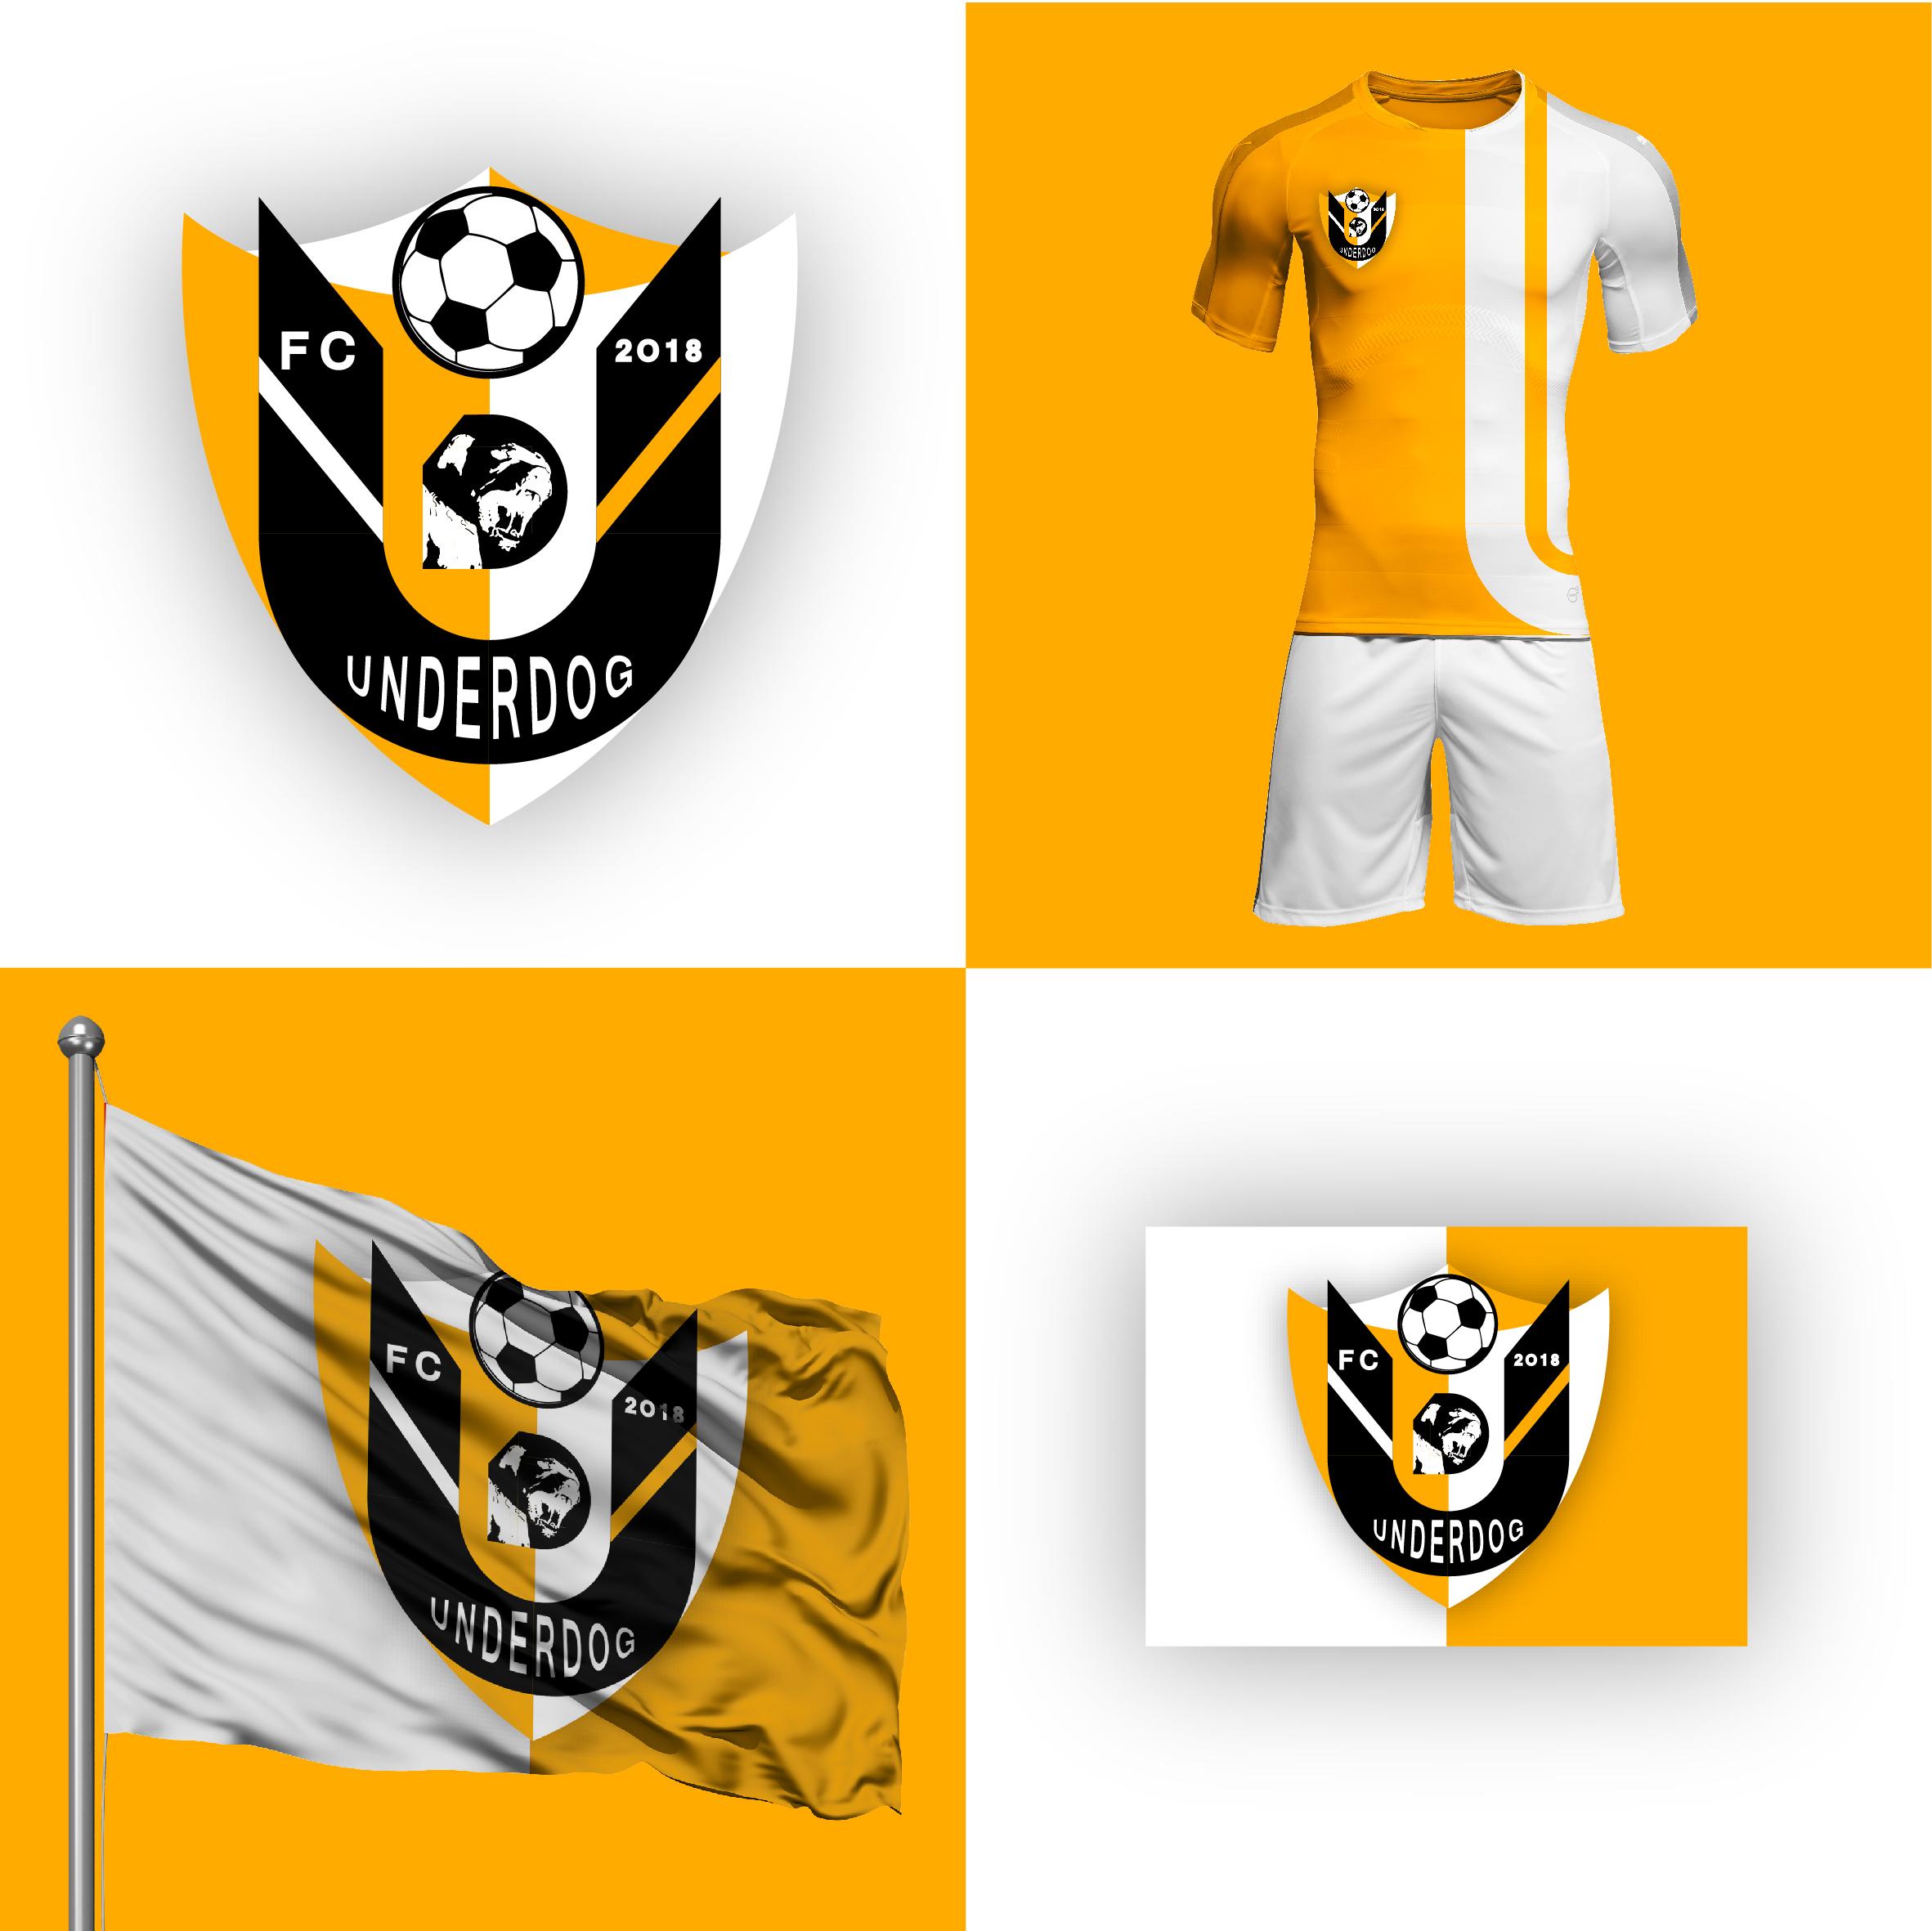 Футбольный клуб UNDERDOG - разработать фирстиль и бренд-бук фото f_6525cb0868bd2d1c.jpg